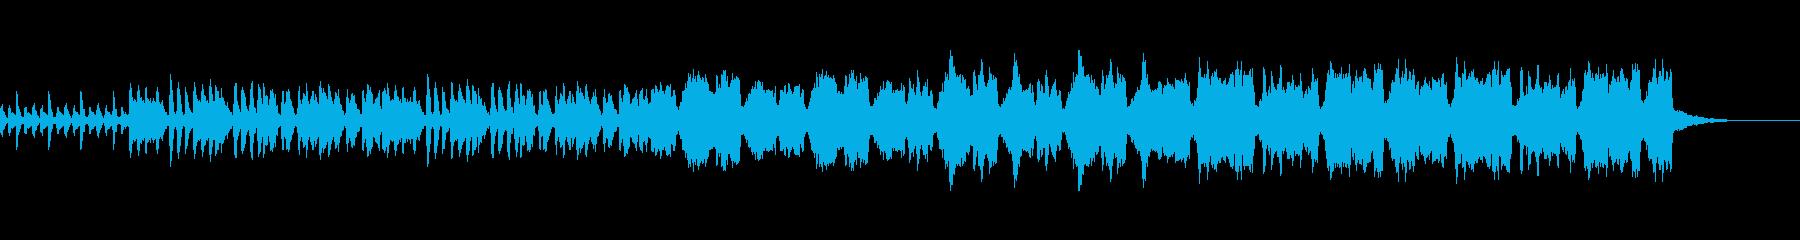 cafeをイメージしたゆったりとした音楽の再生済みの波形